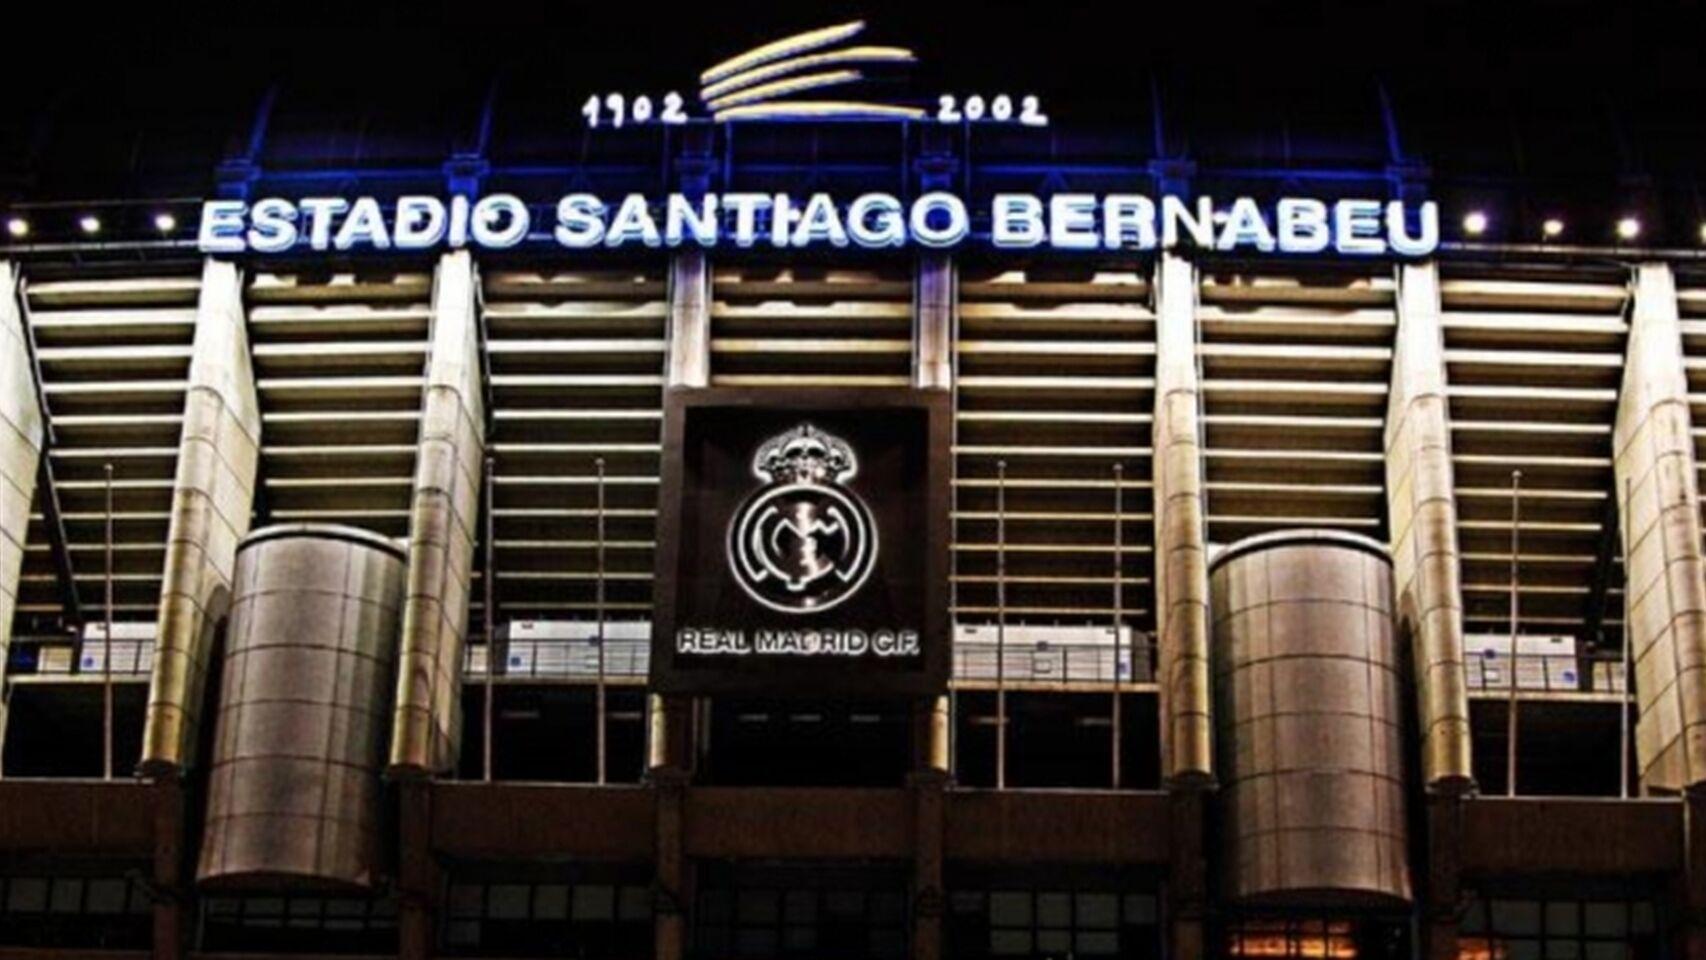 Estadio Santiago Bernabéu Se Utilizará Como Almacén De Material Sanitario Crc 891